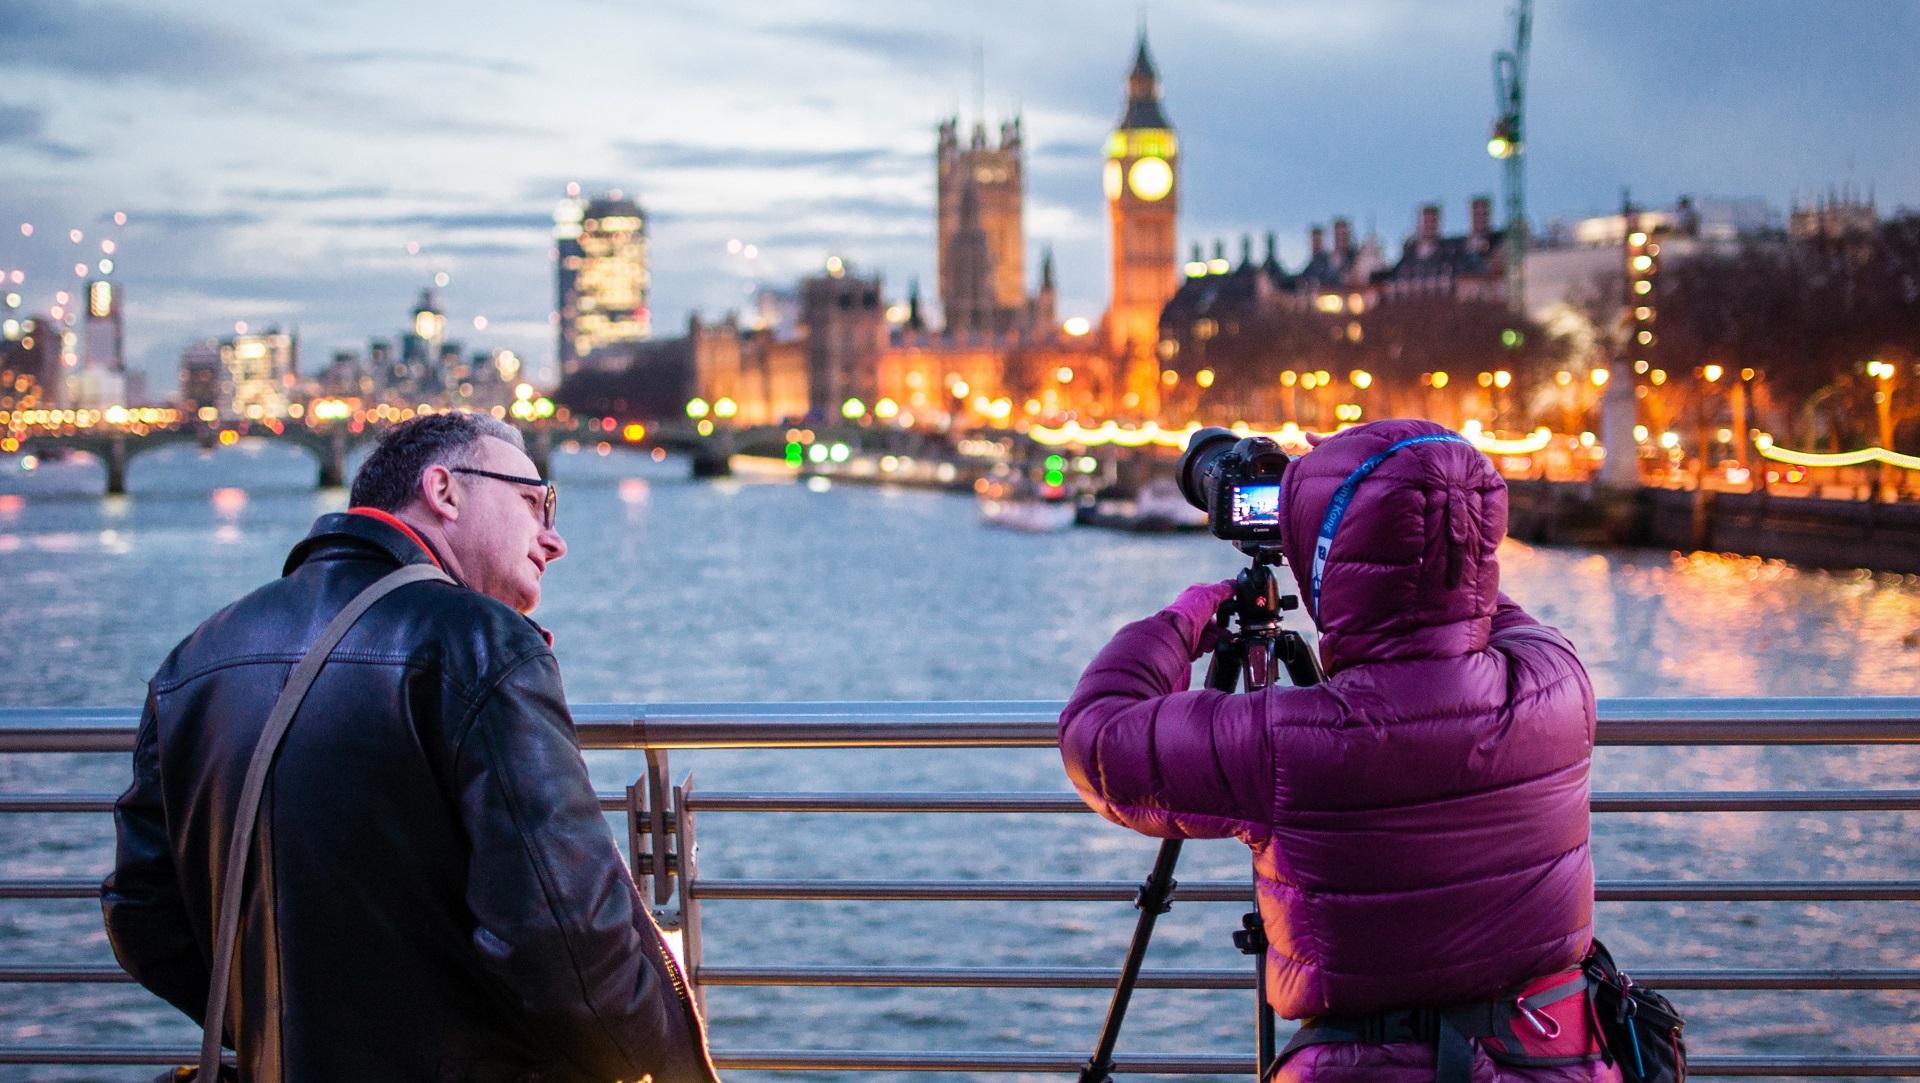 Photographie de nuit - Londres